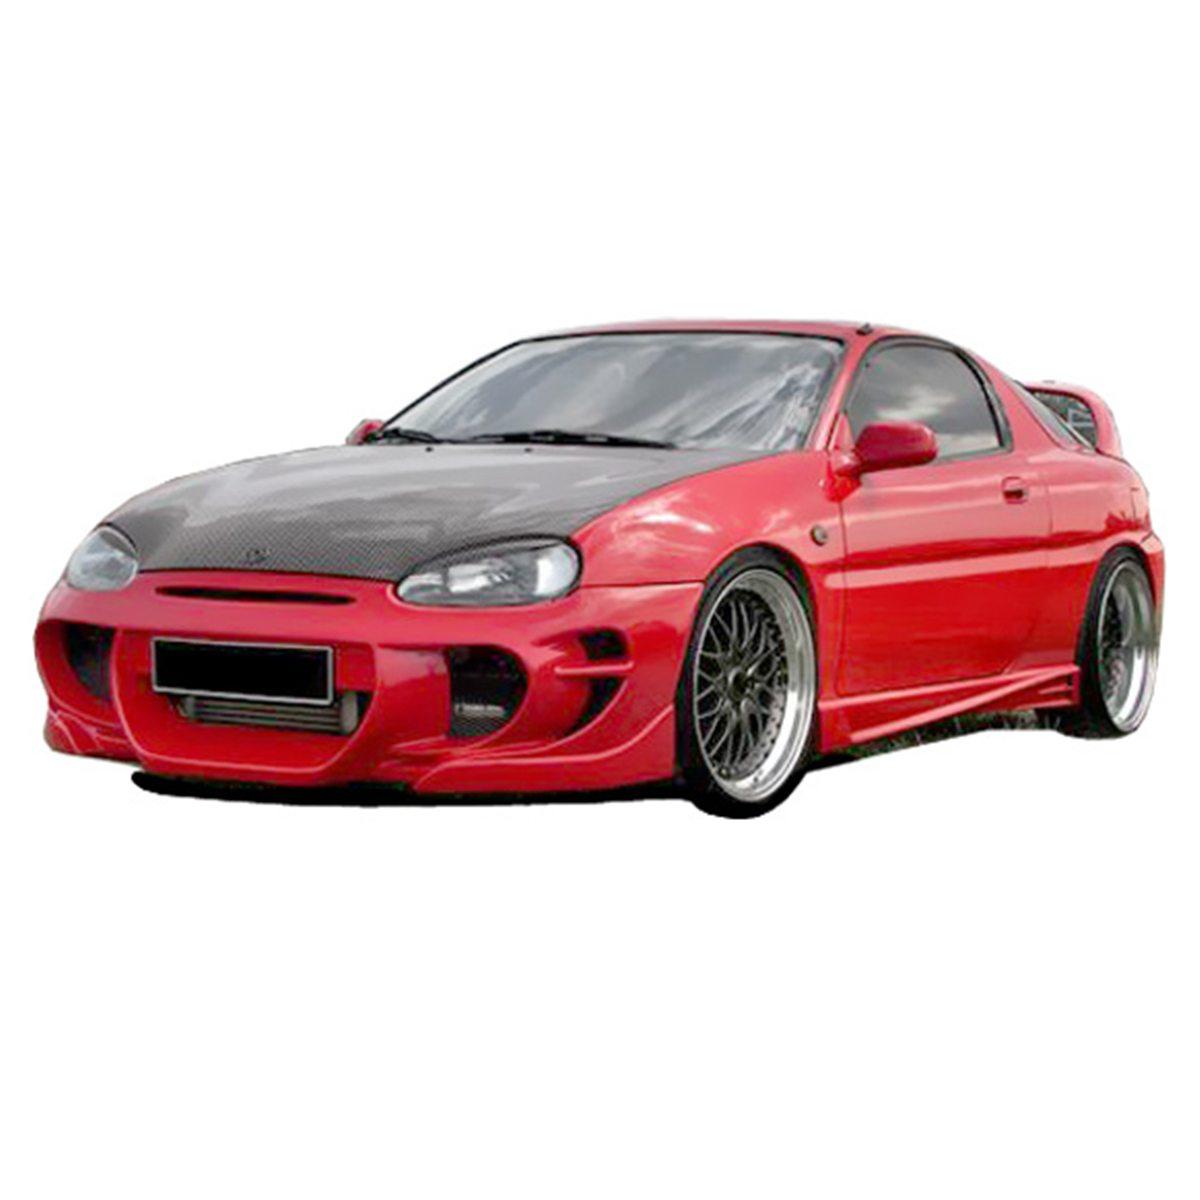 Mazda-MX3-Frt-PCN049